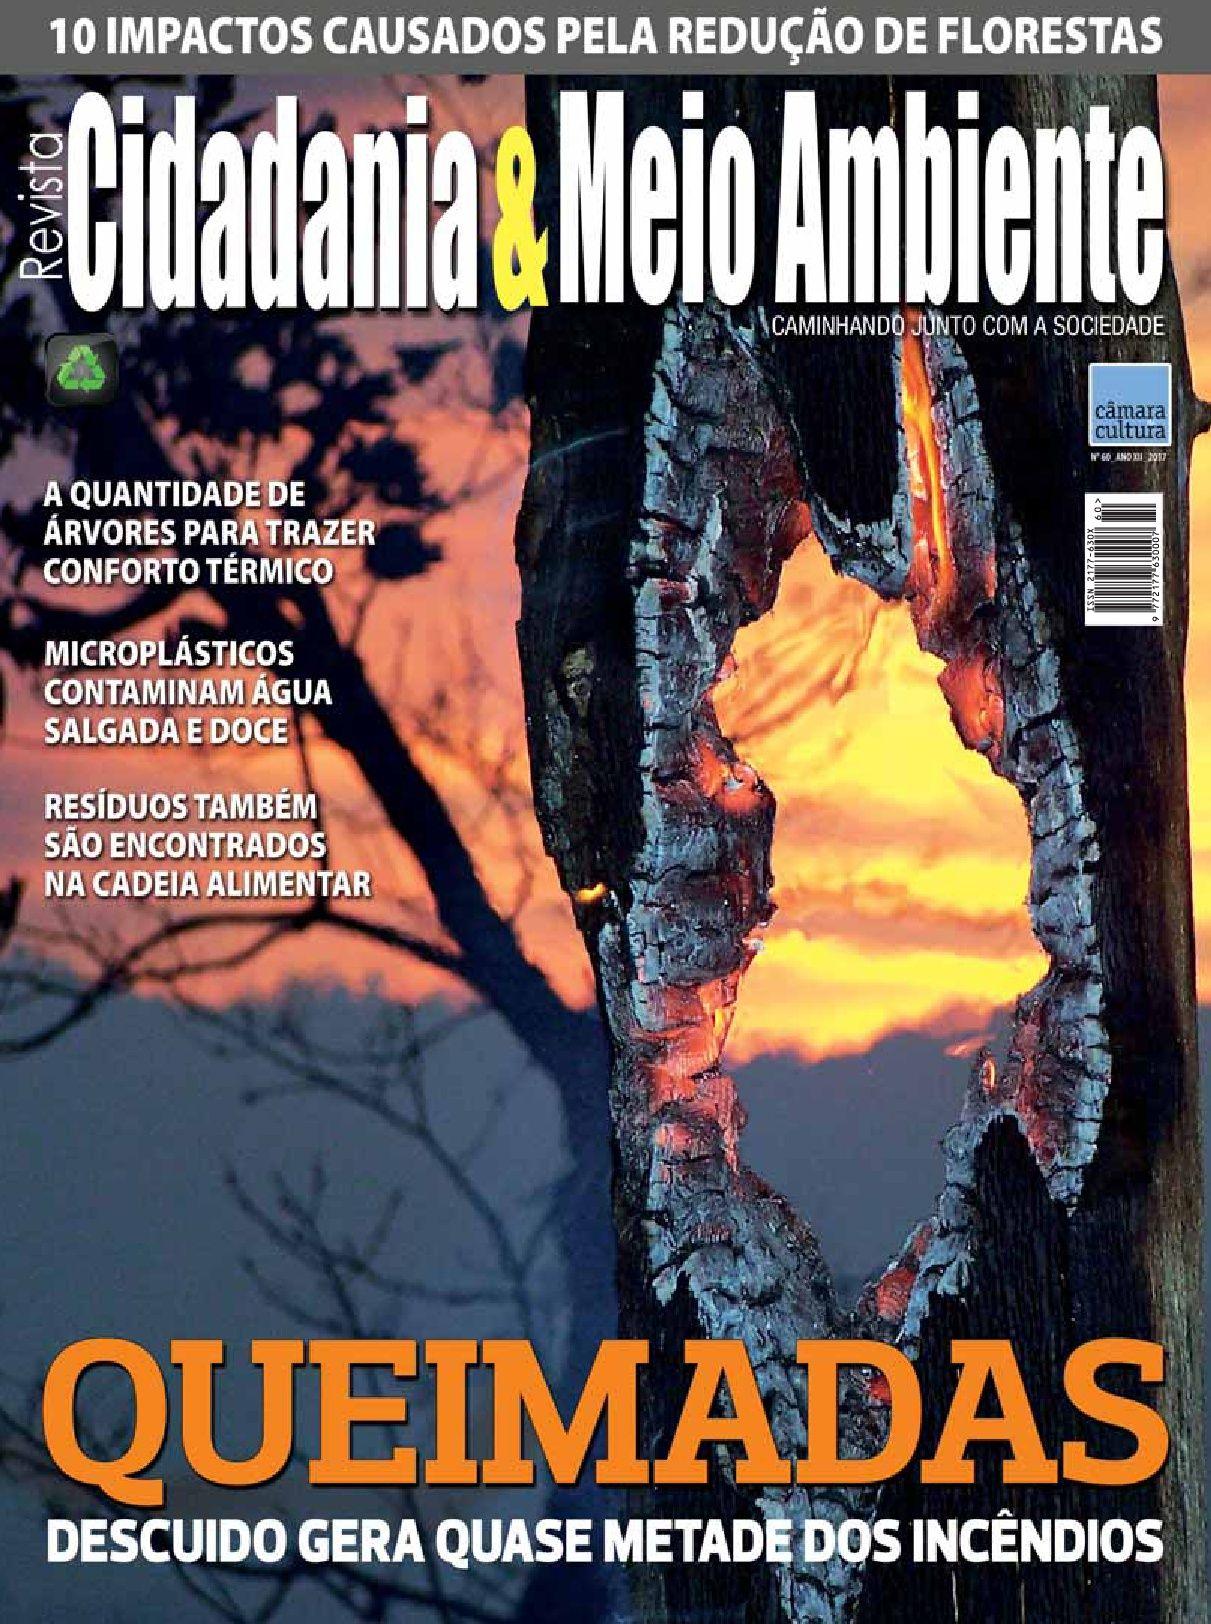 Edição n° 60 da revista Cidadania & Meio Ambiente